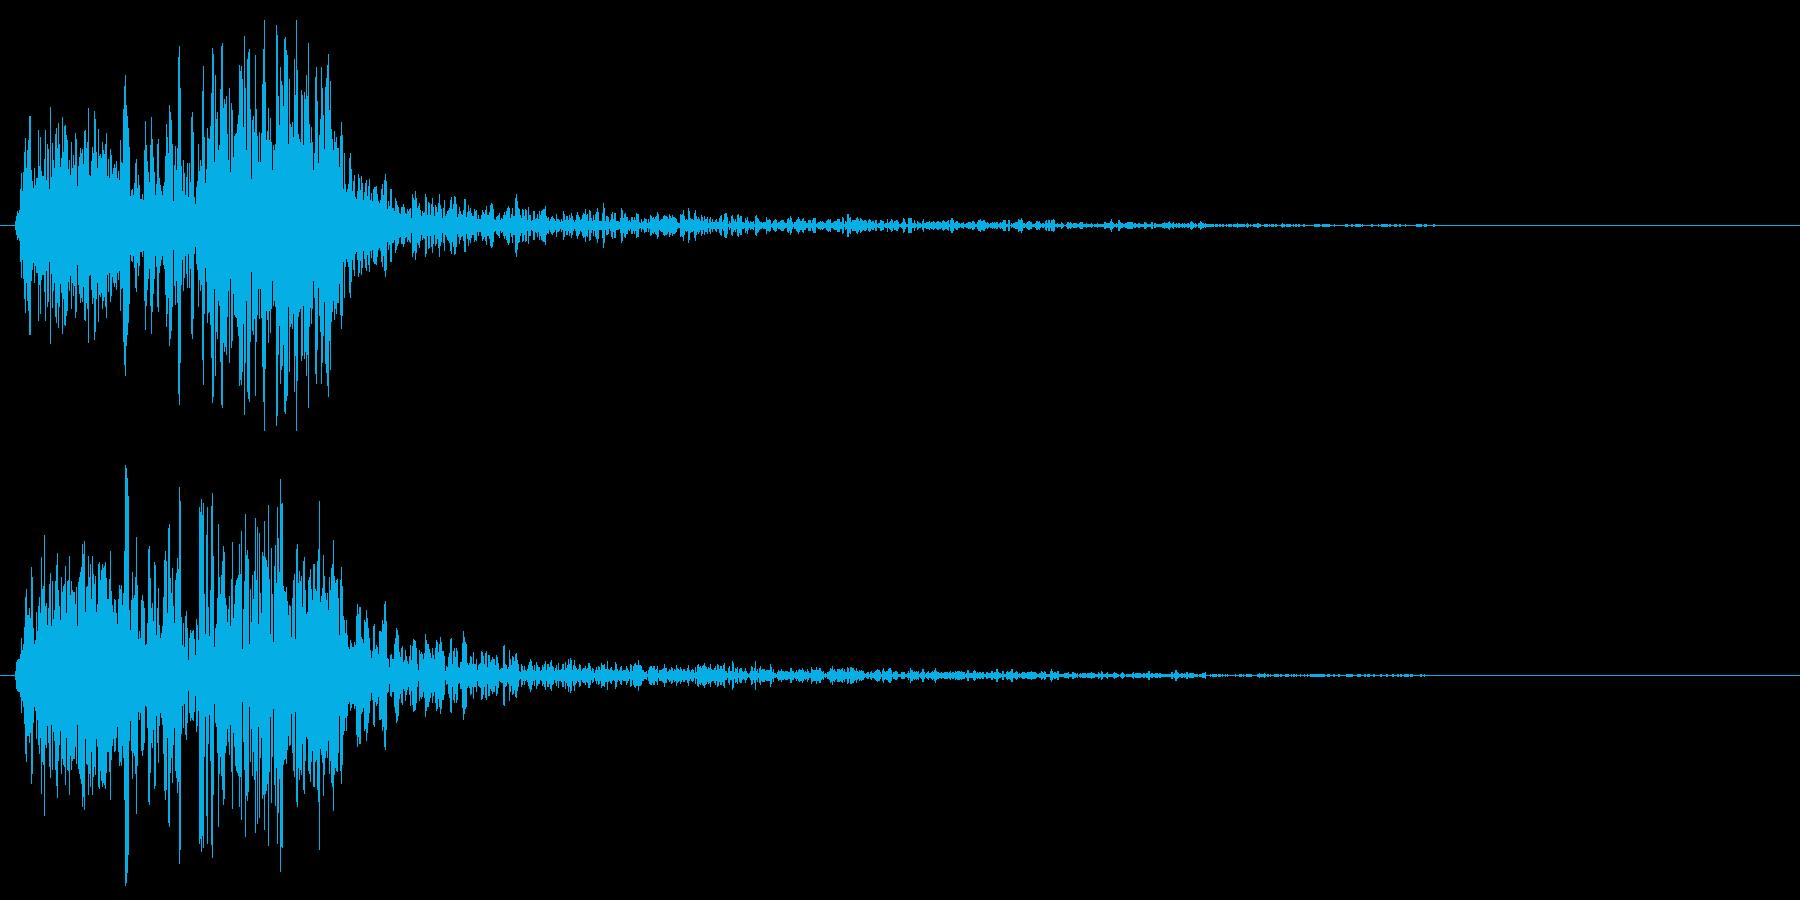 ズバッ(刀で人を切った音、時代劇)の再生済みの波形